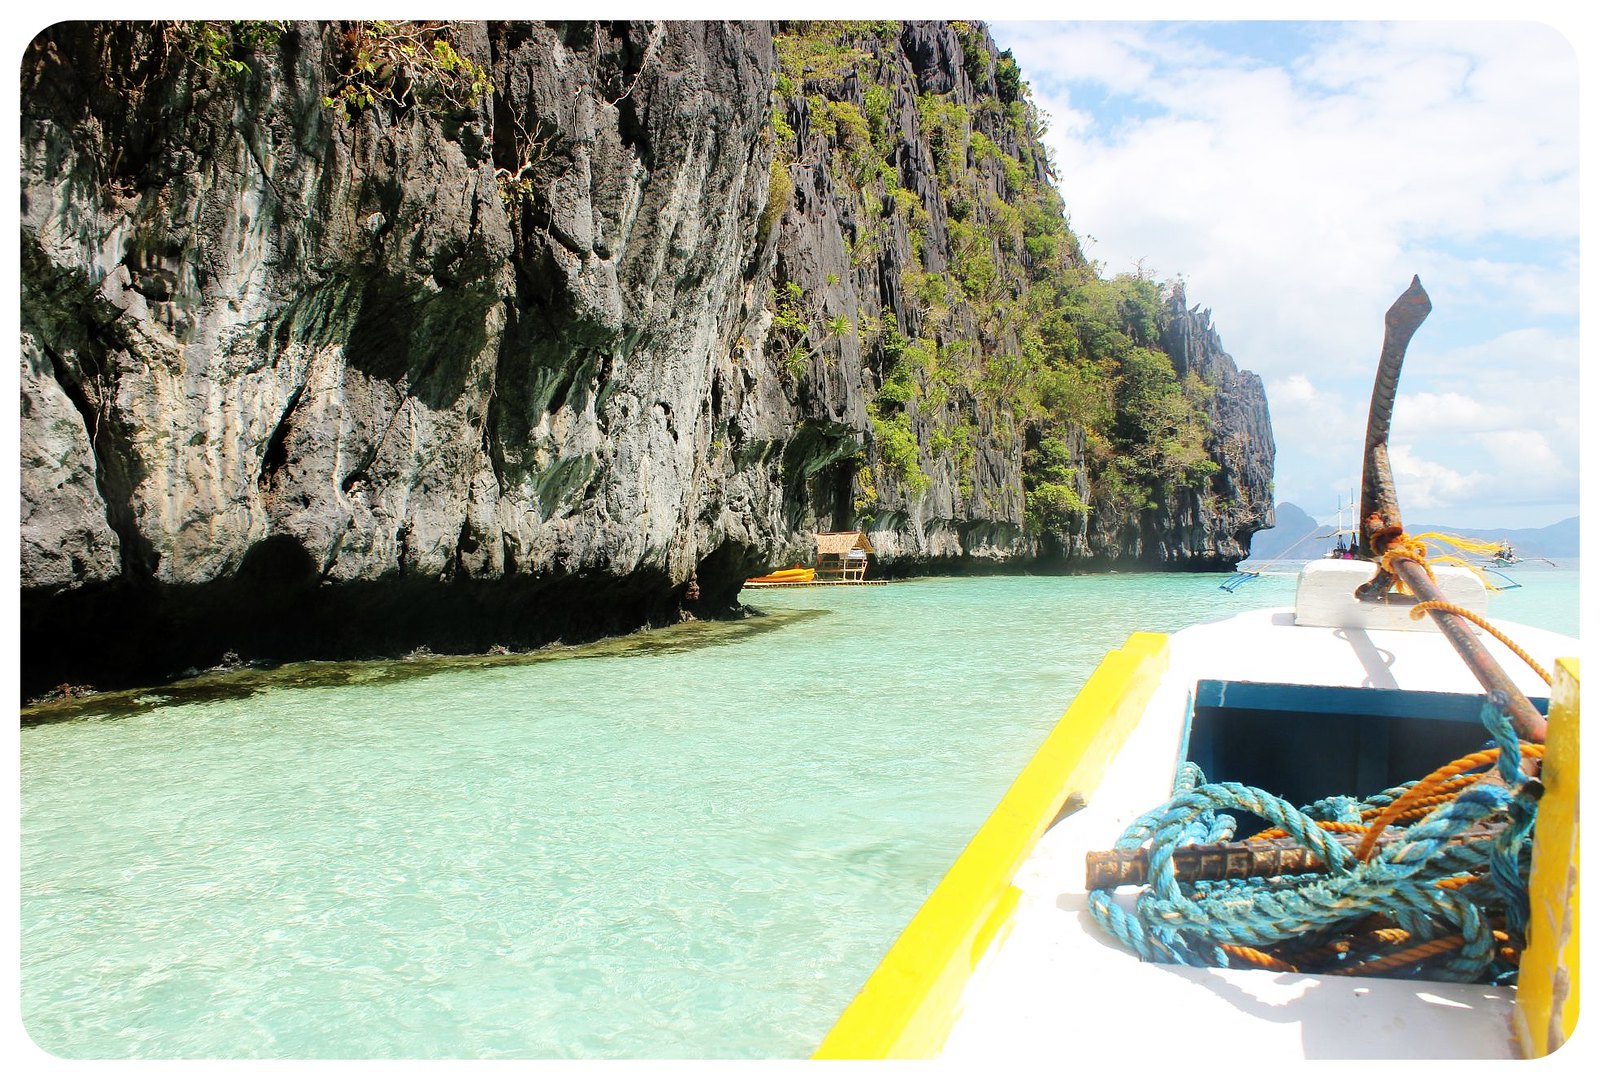 bacuit archipelago boat